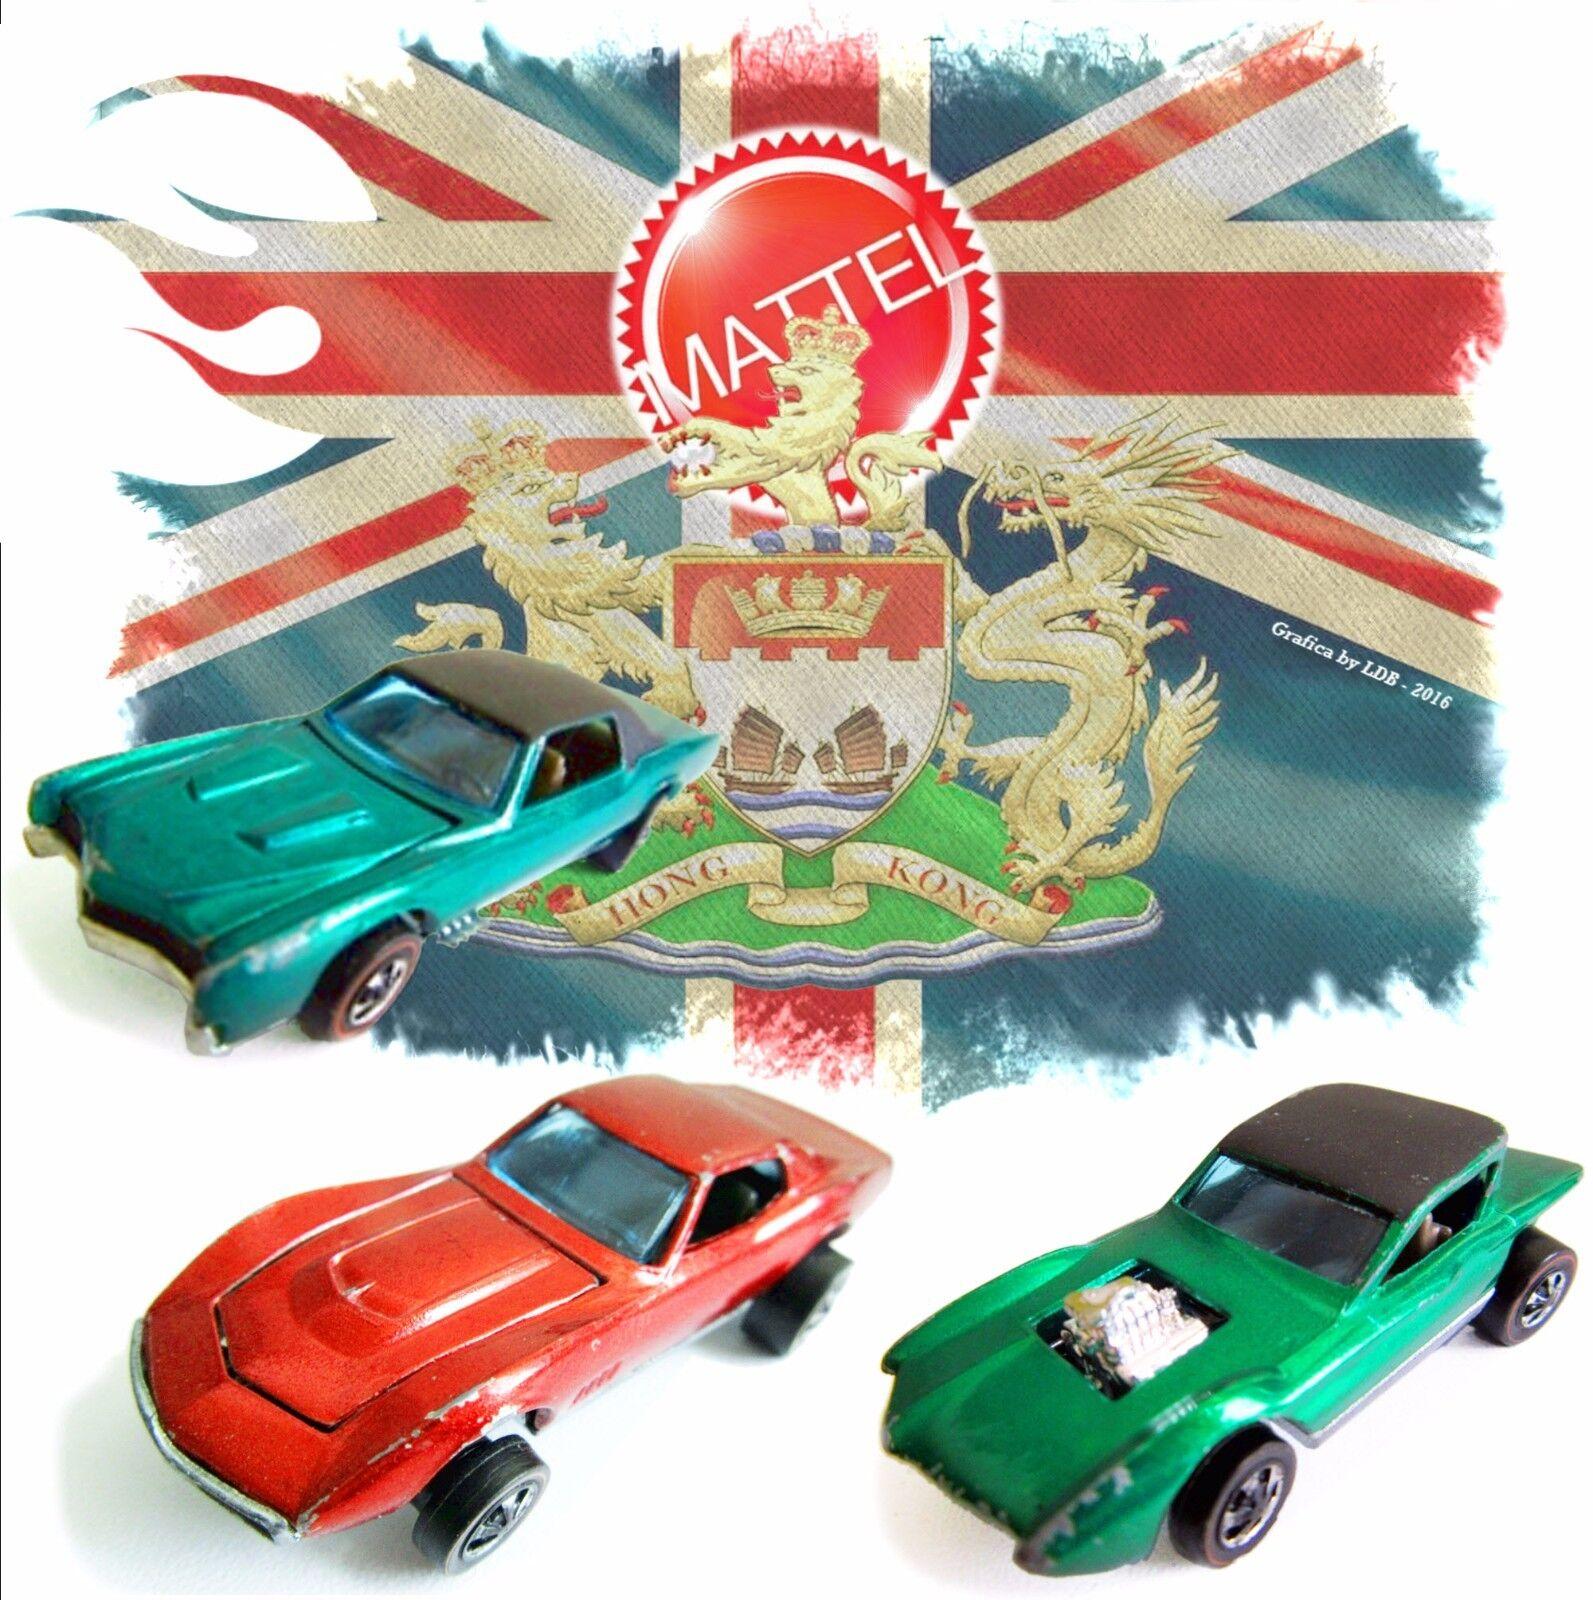 1967' Vintage Hot Wheels rossoLine Models, by Mattel - Hong Kong